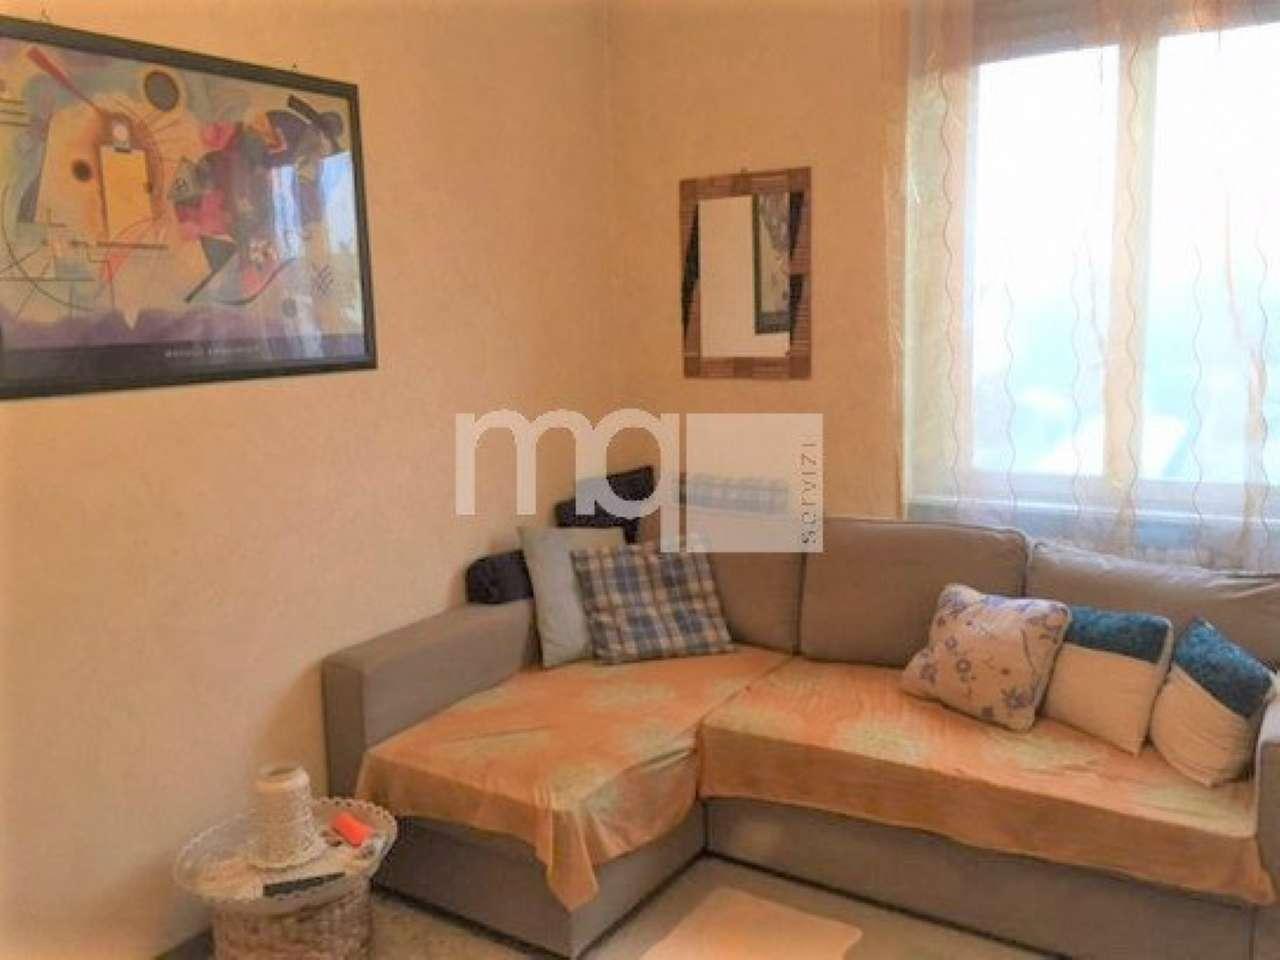 Appartamento in vendita a Segrate, 2 locali, prezzo € 121.000 | CambioCasa.it